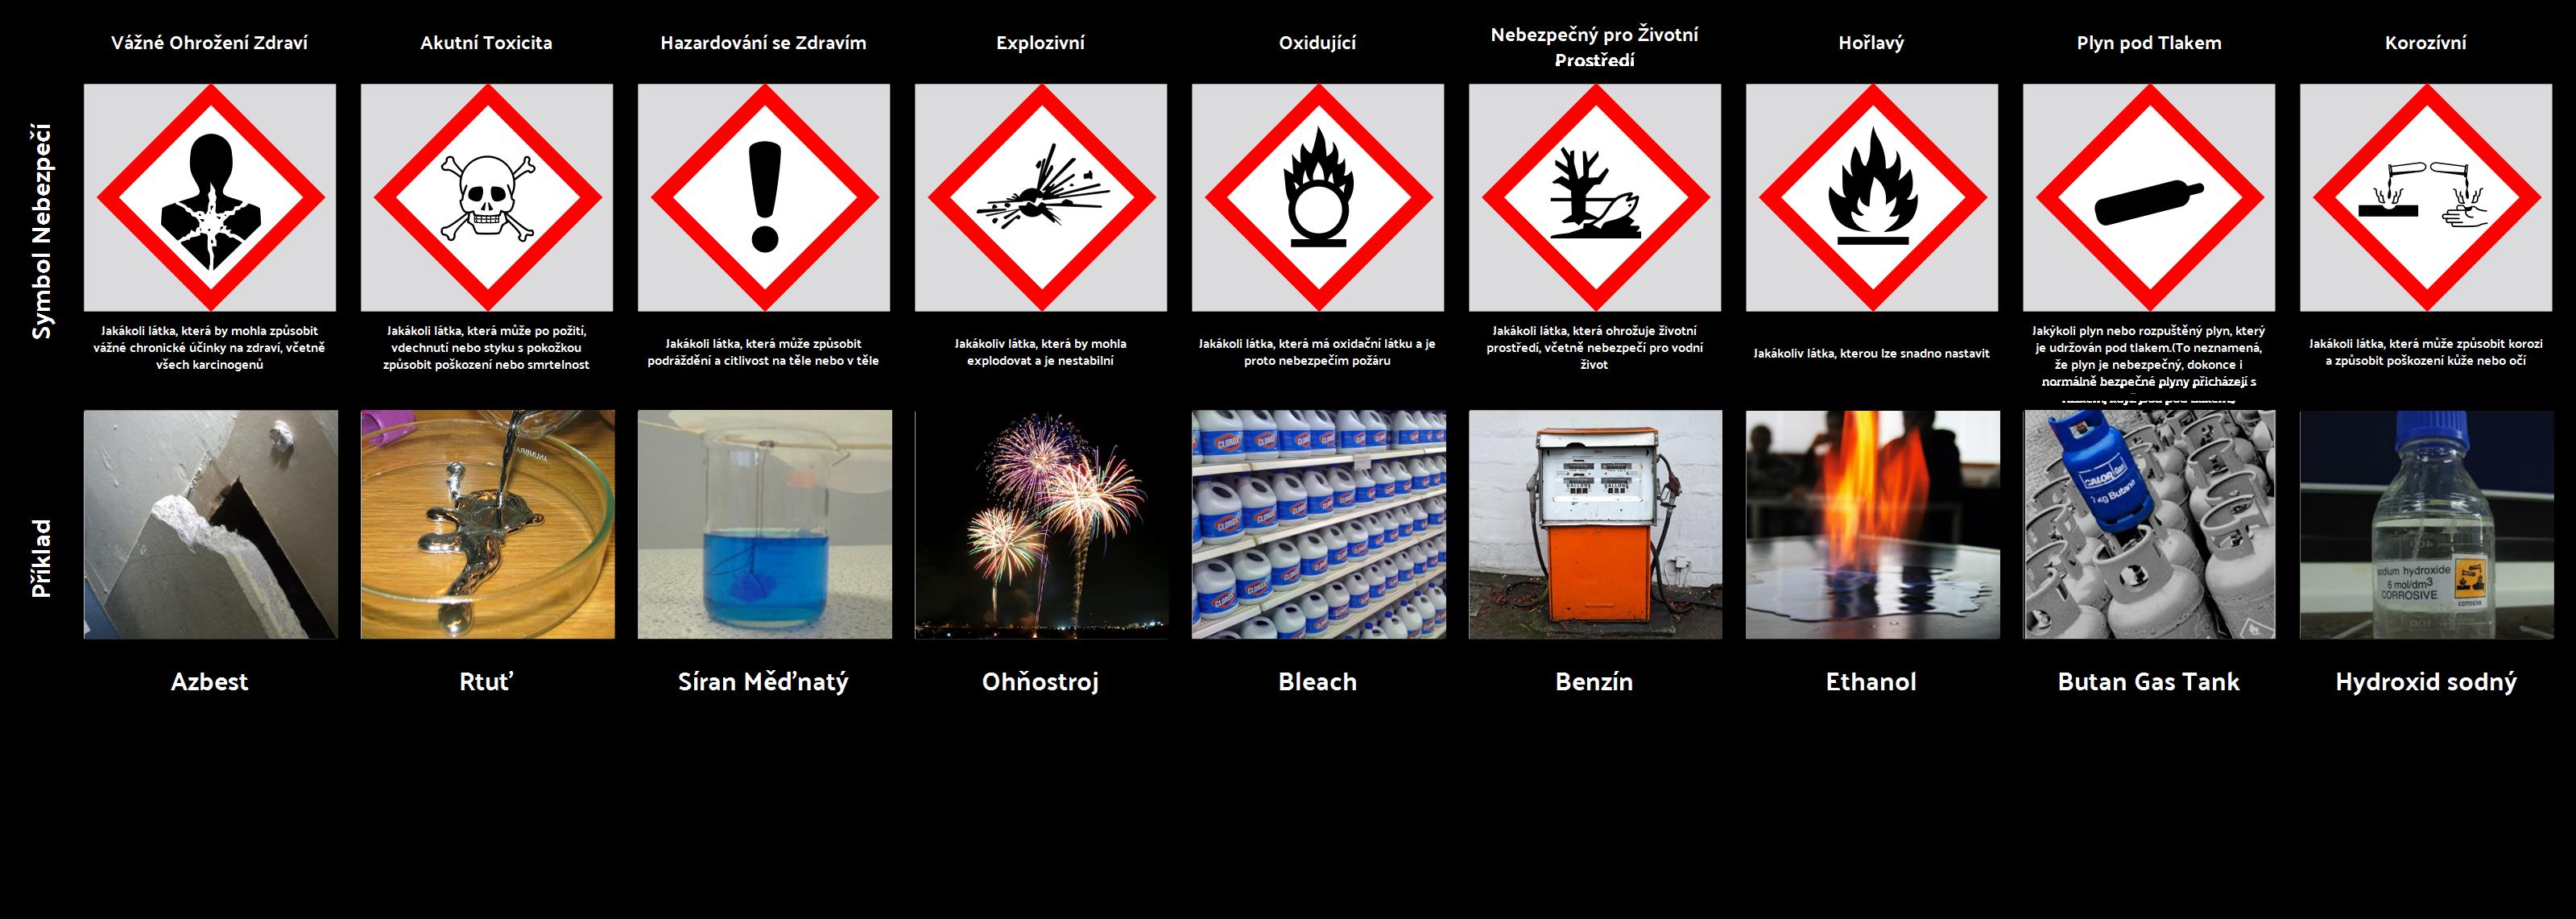 Graf Symbolů Nebezpečnosti